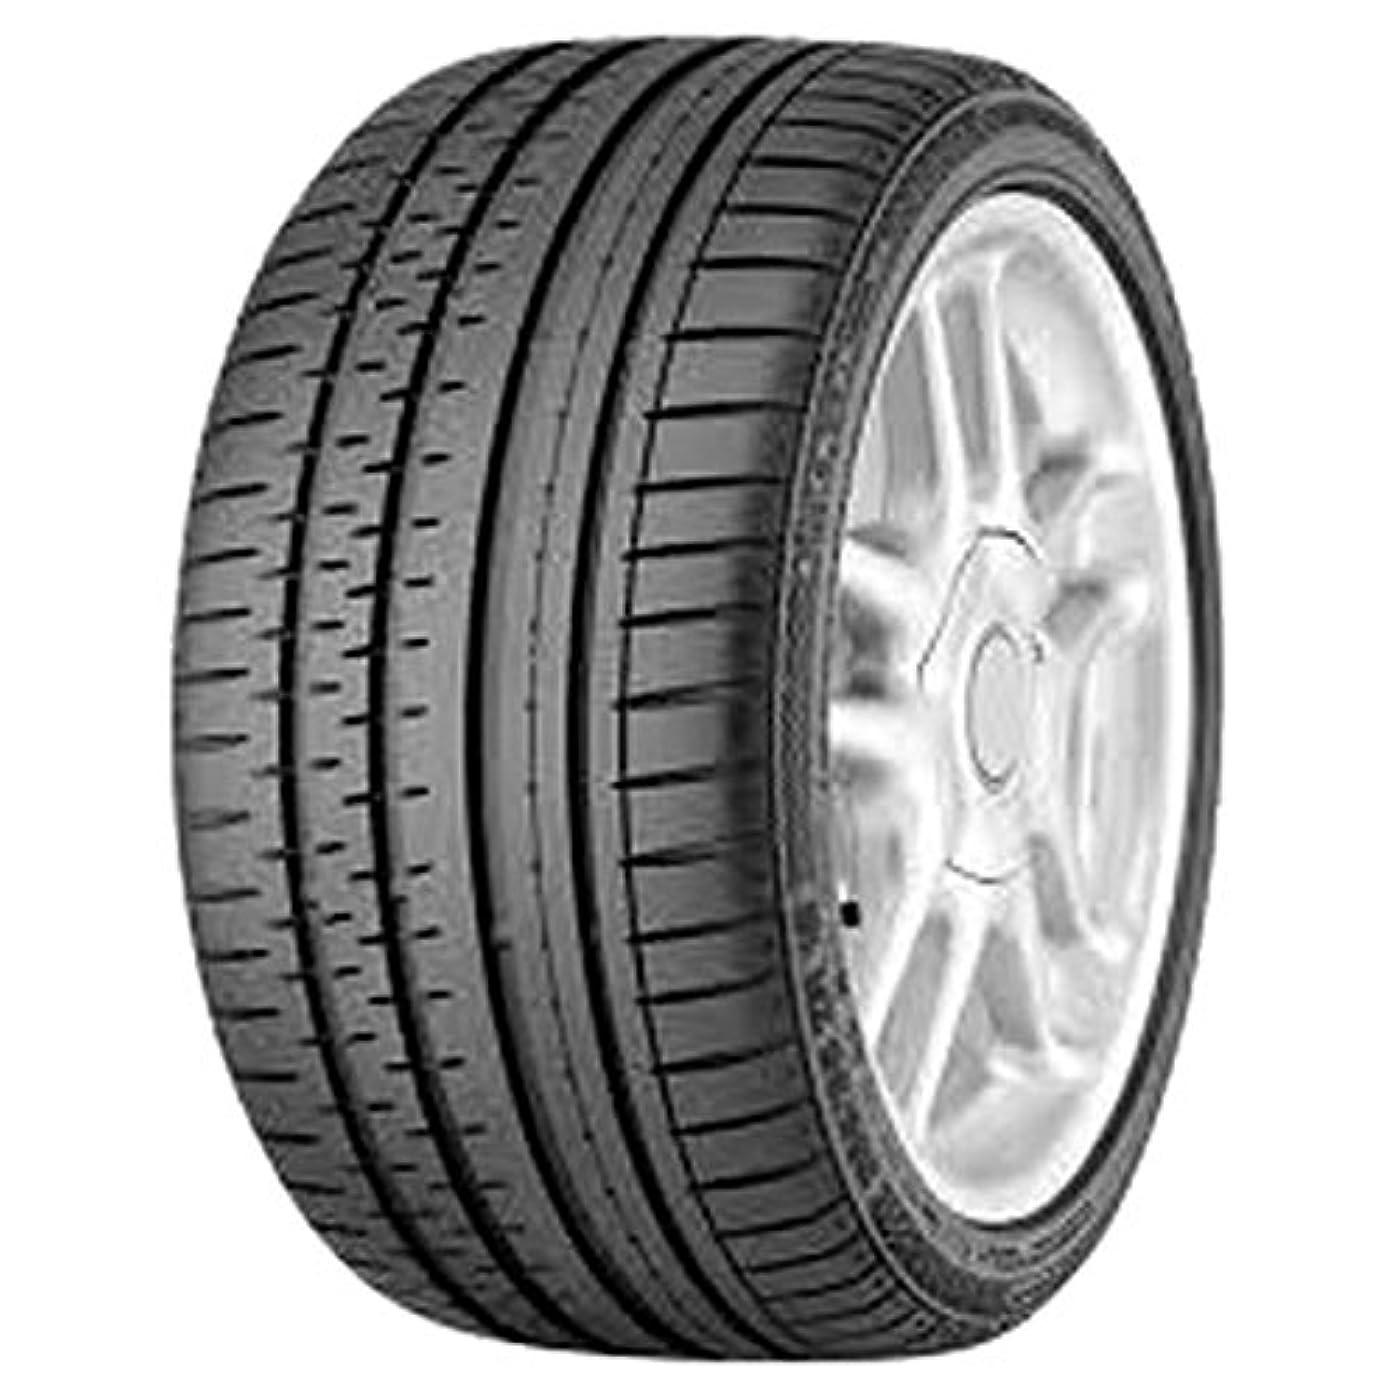 適応的完璧なセージサマータイヤ 225/45R17 91W コンチネンタル コンチスポーツコンタクト2 SSR ランフラット BMW承認 ContiSportContact 2 SSR